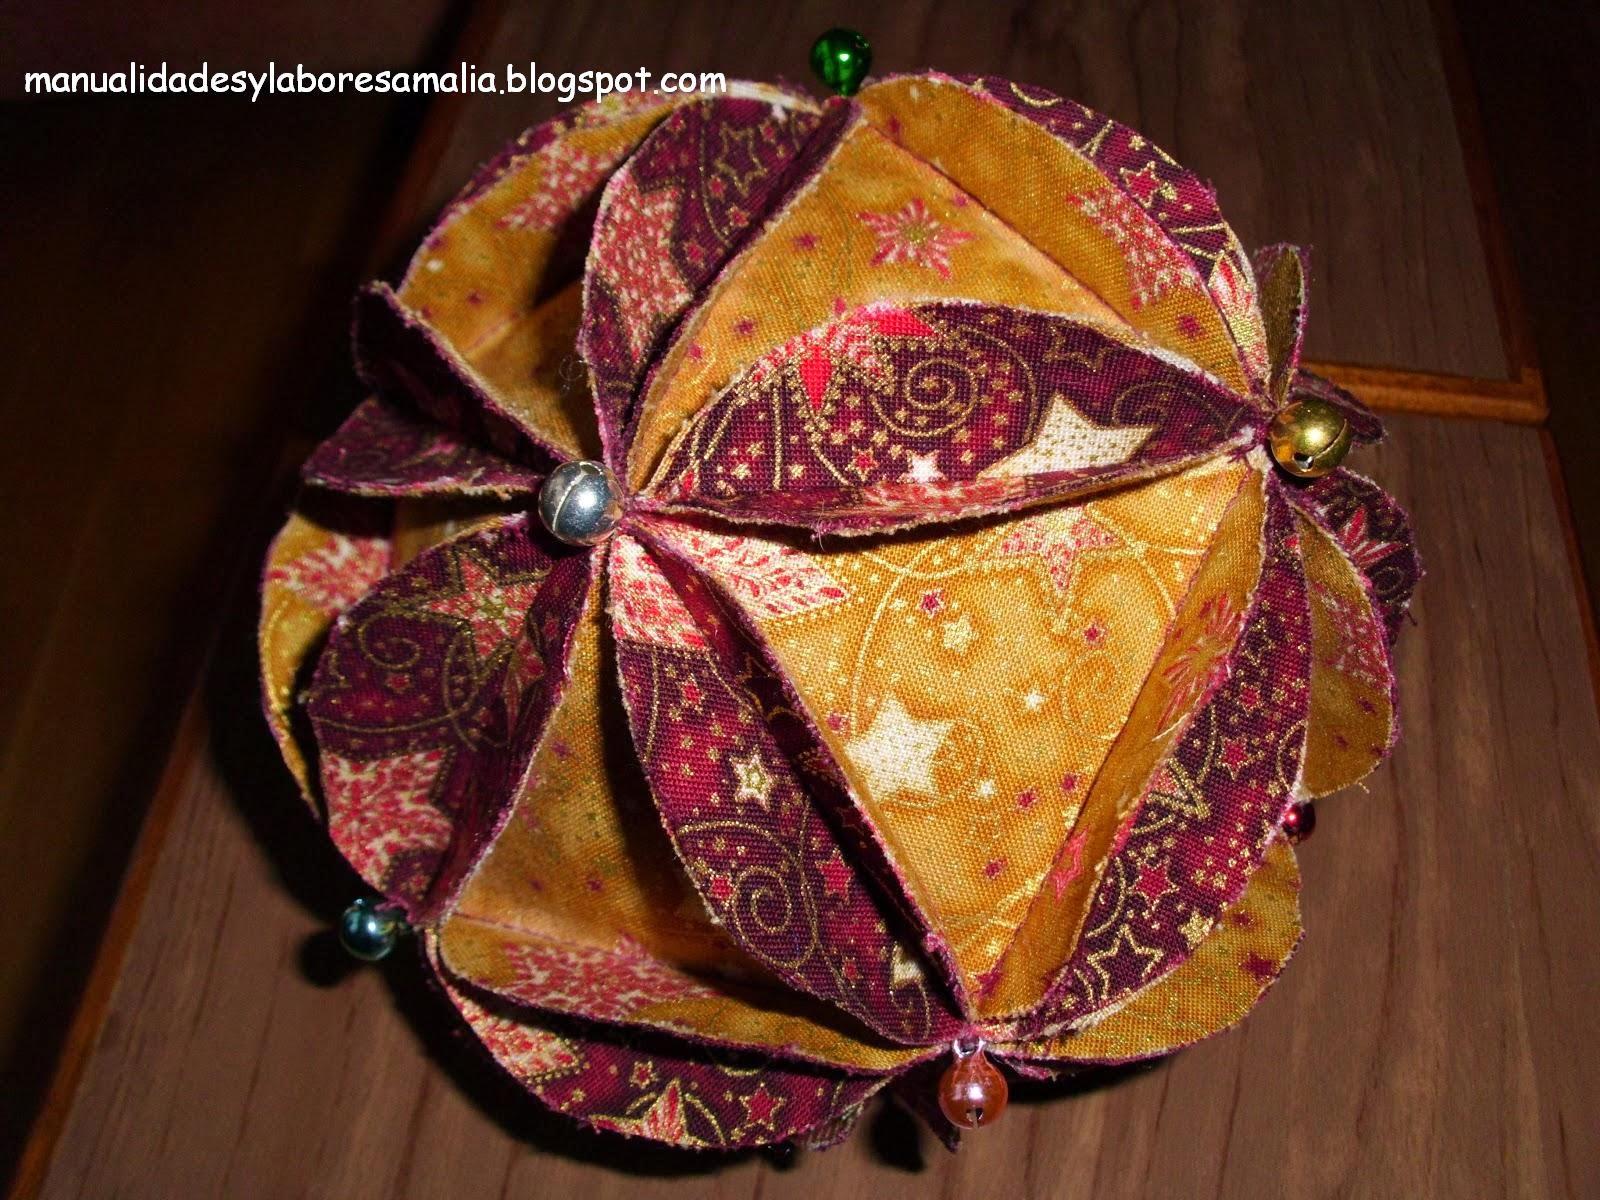 Manualidades y labores amalia bolas navidad de tela y - Manualidades con bolas de navidad ...